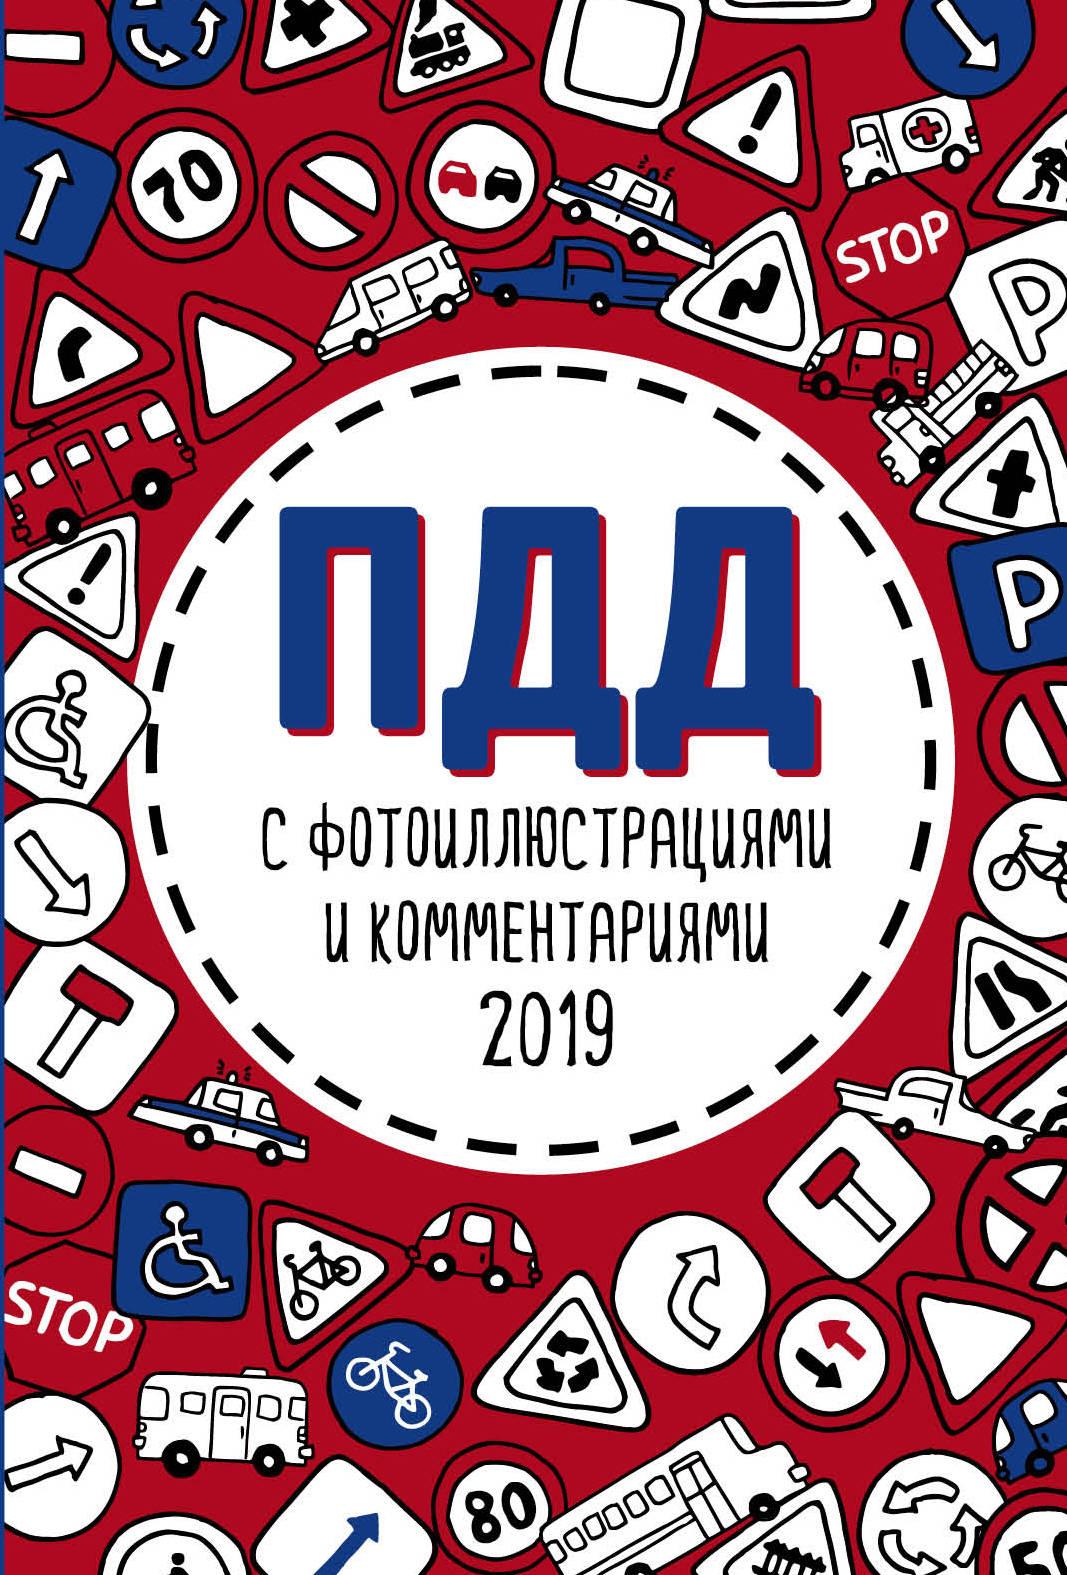 ПДД 2019 с фотоиллюстрациями и комментариями